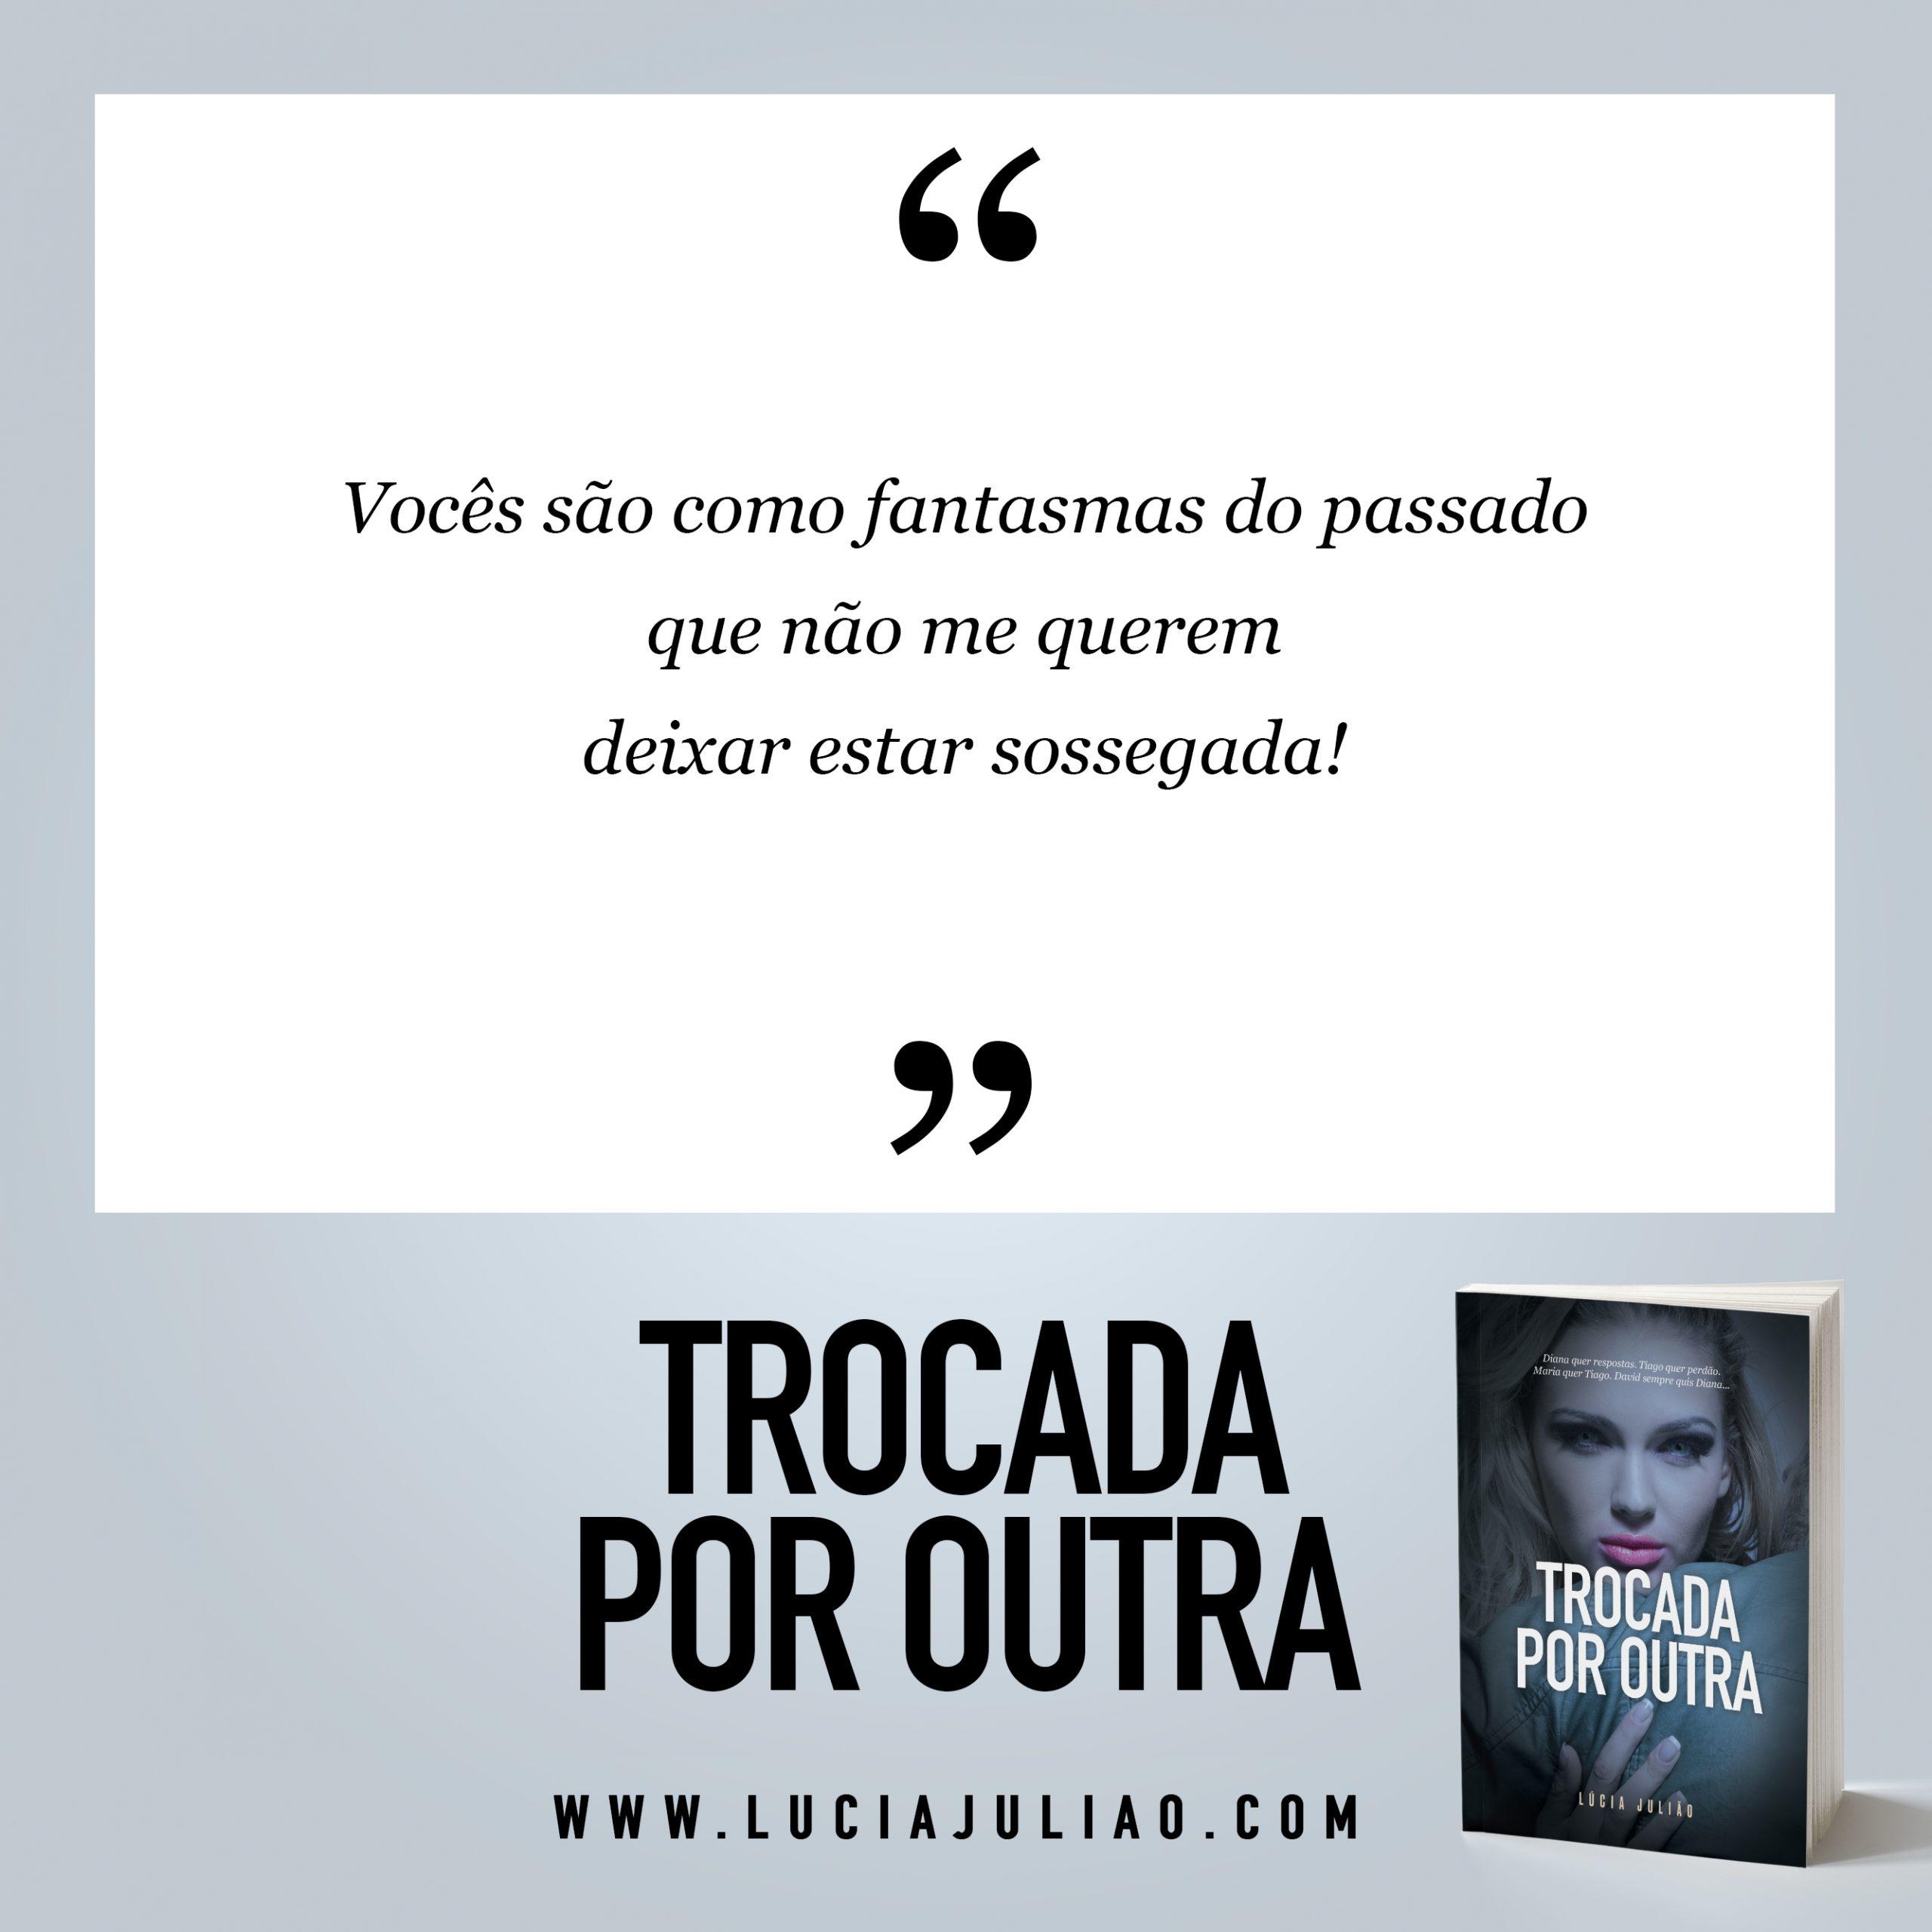 029Q - capitulo 9 Trocada por outra - Lúcia Julião